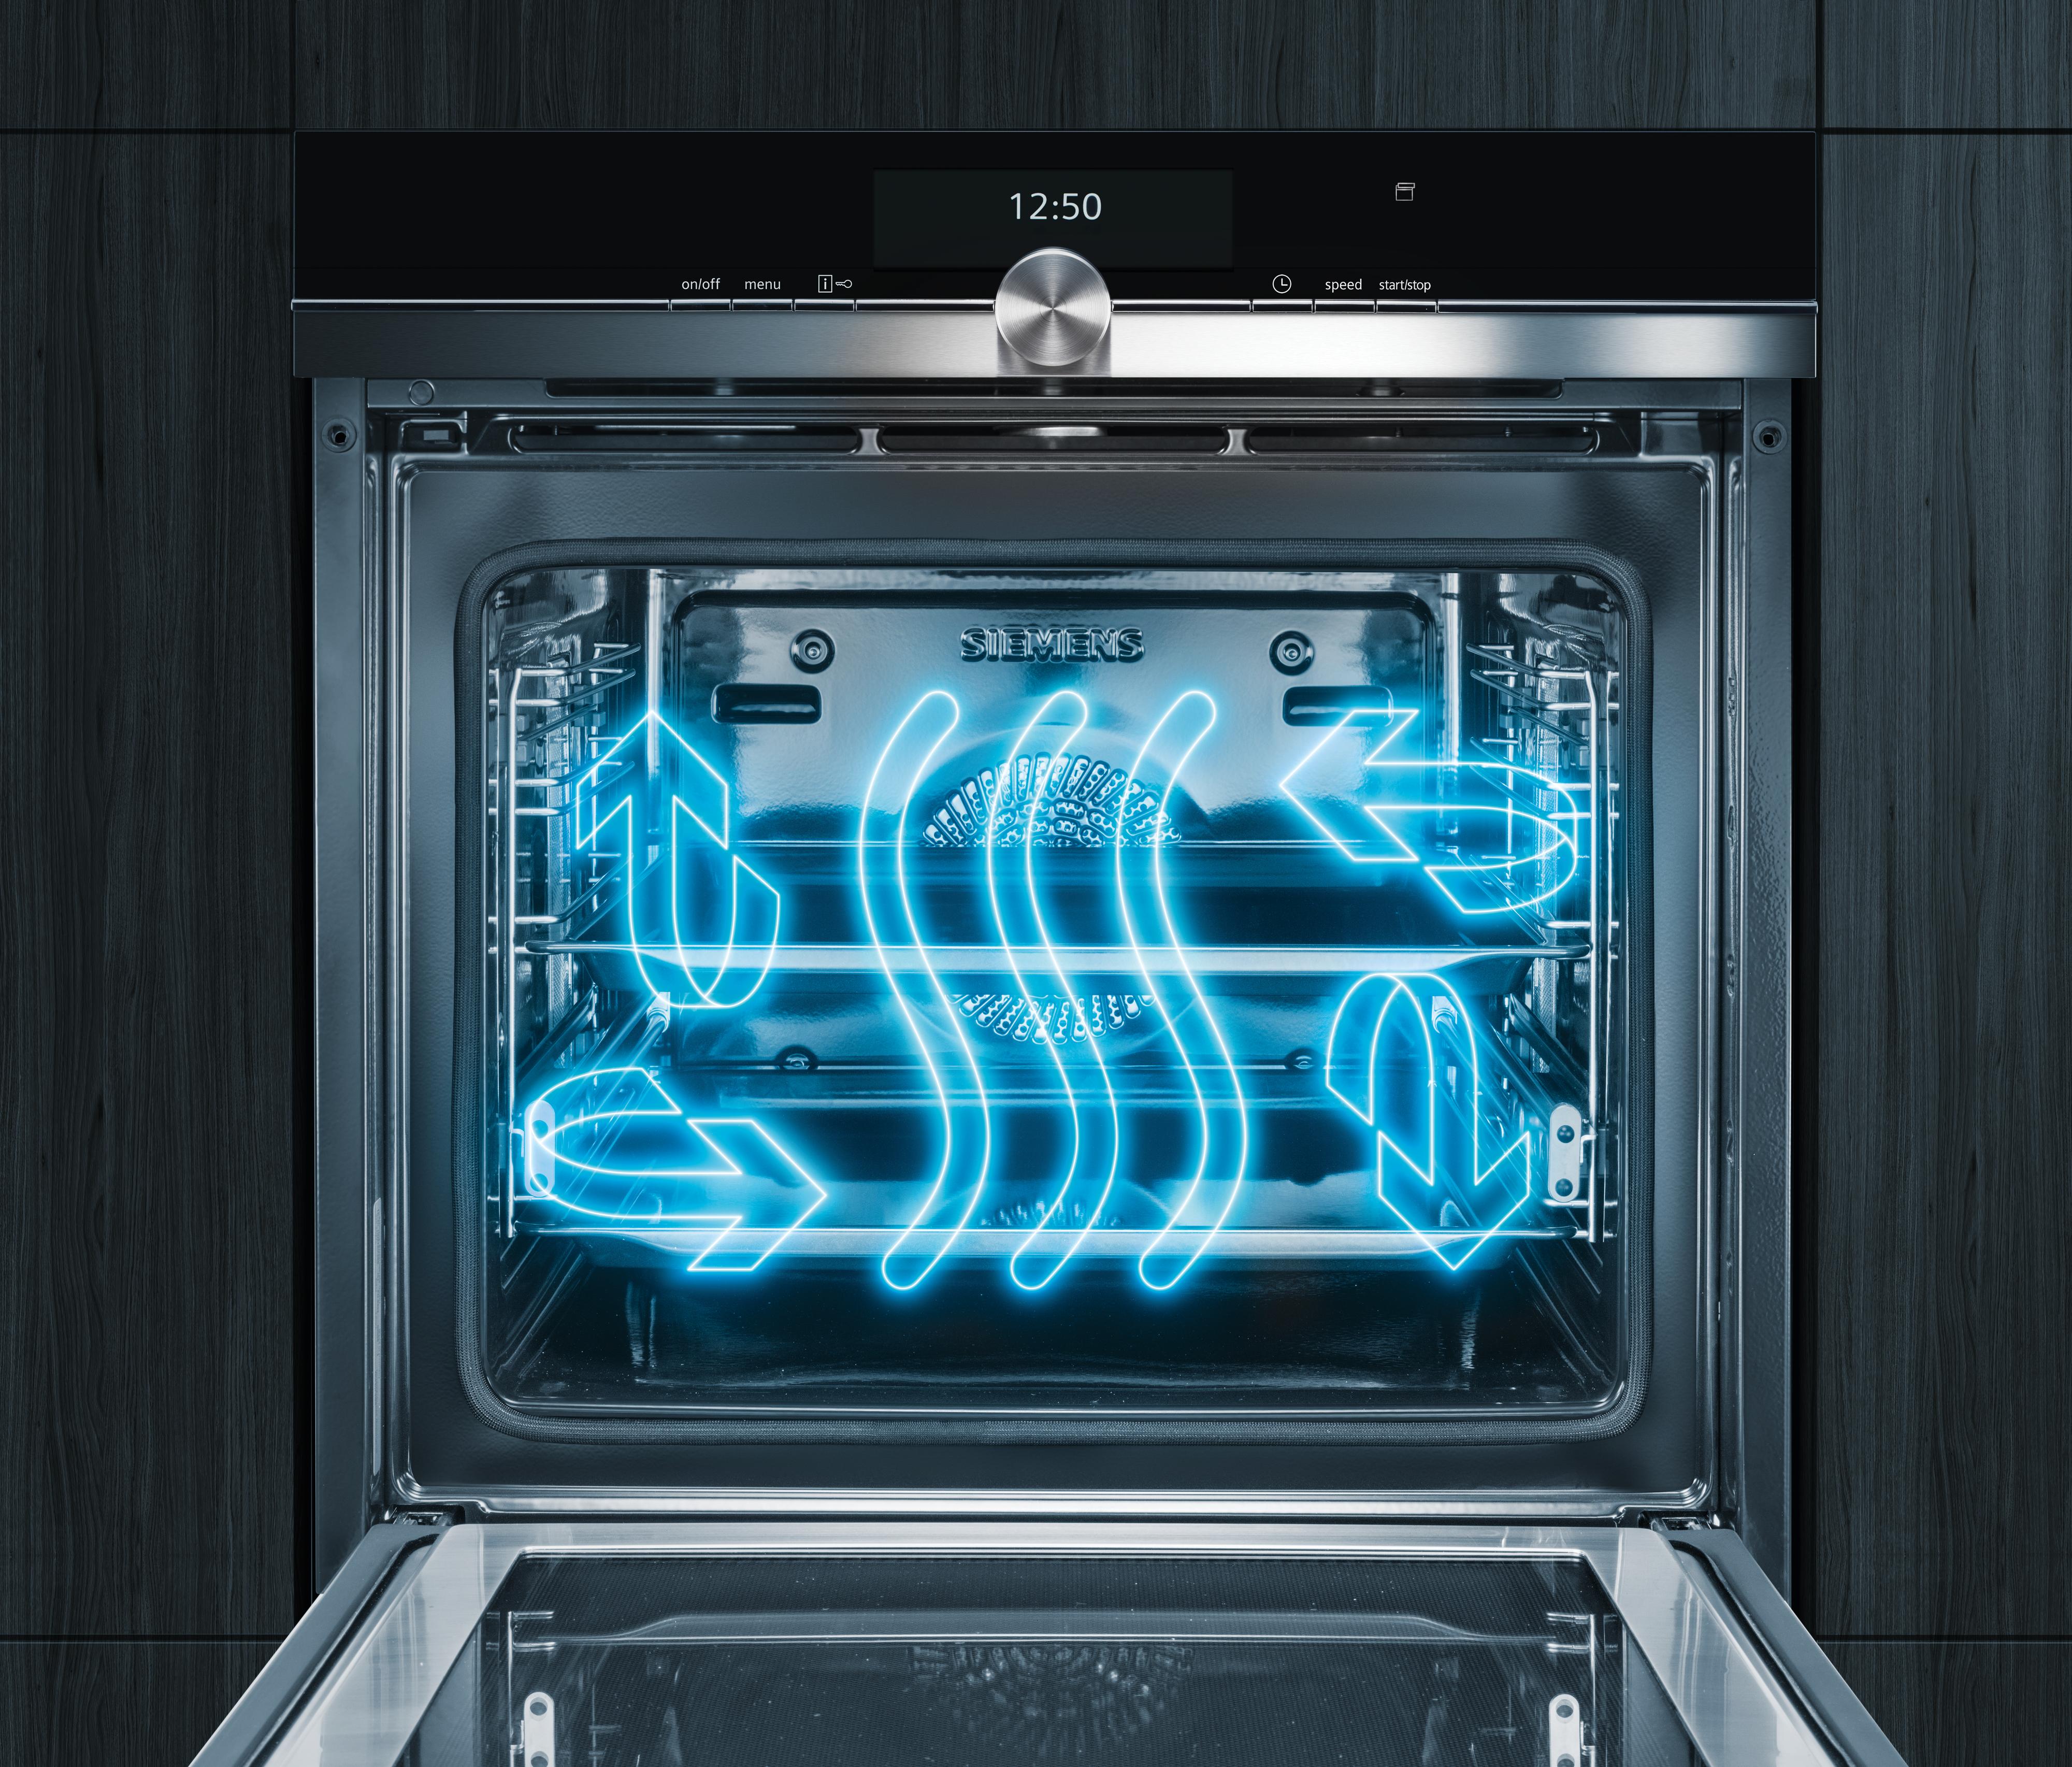 Perfektní výsledky pečení až na třech úrovních současně díky inovativní distribuci vzduchu: 3D horký vzduch plus.